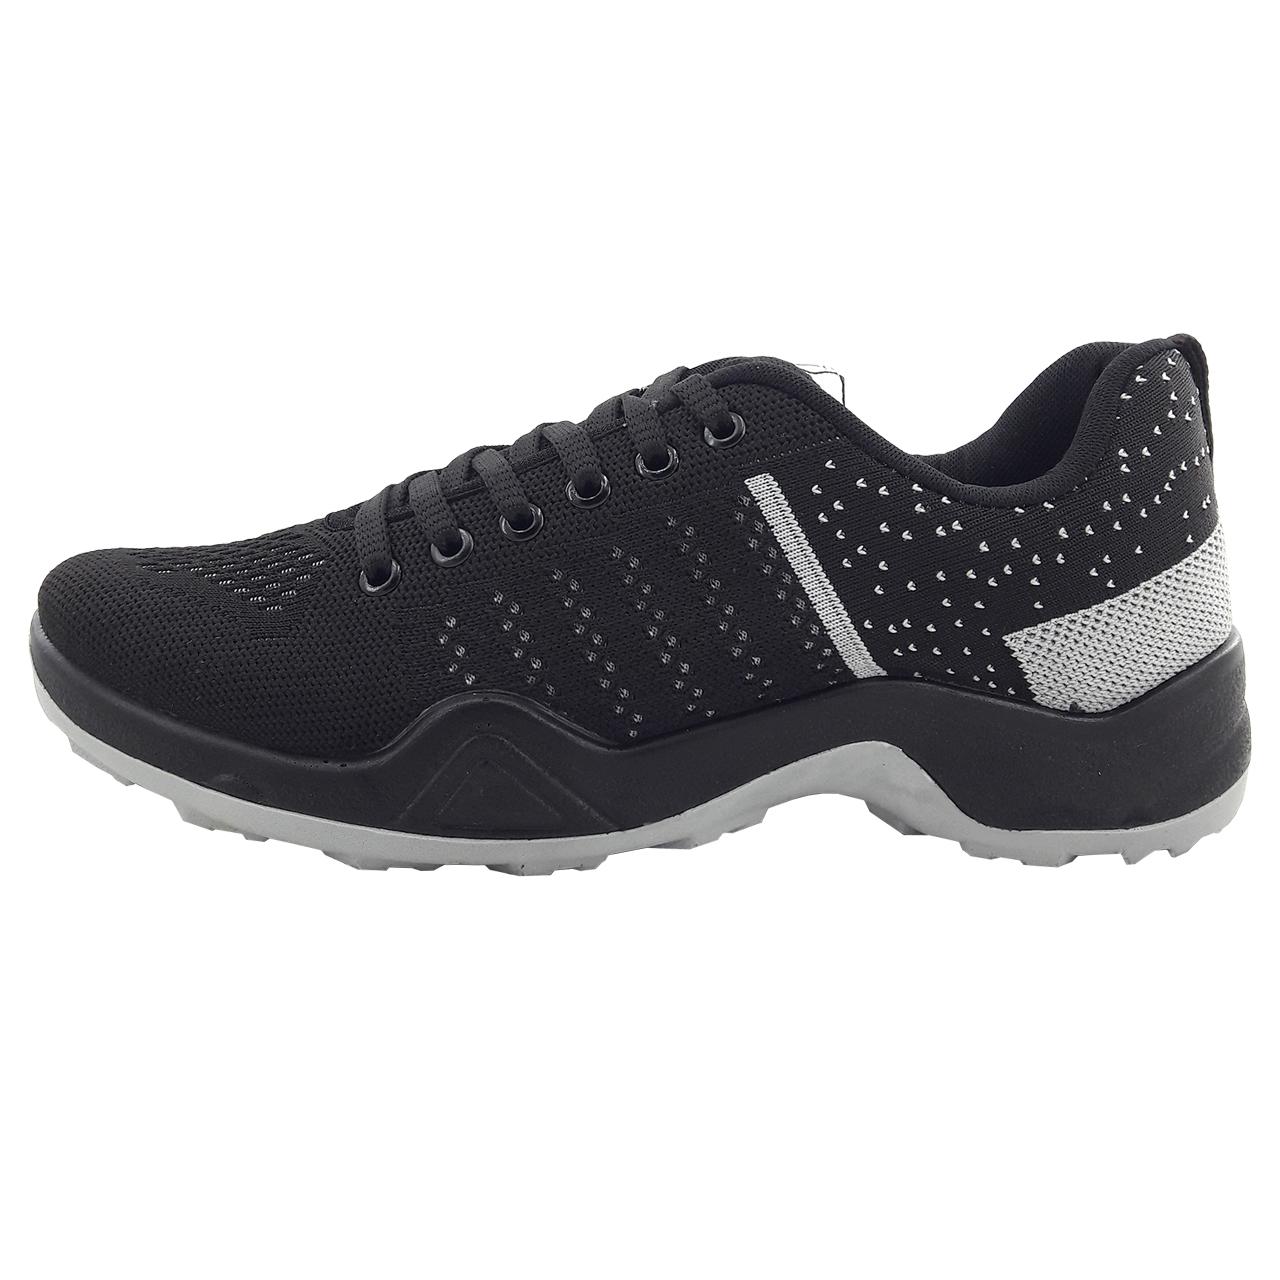 کفش مخصوص پیاده روی مردانه مدل Tnd.bft.bl gr0-002